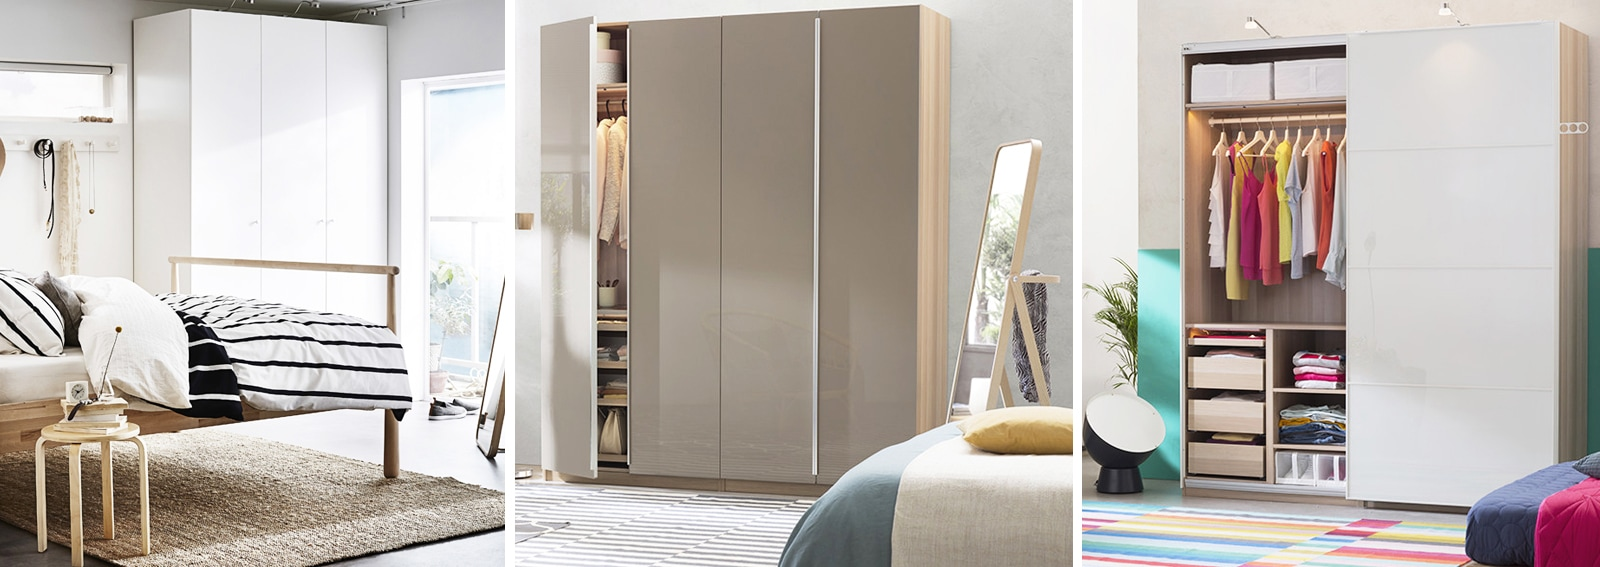 ikea pax il guardaroba componibile per la camera perfetta grazia. Black Bedroom Furniture Sets. Home Design Ideas